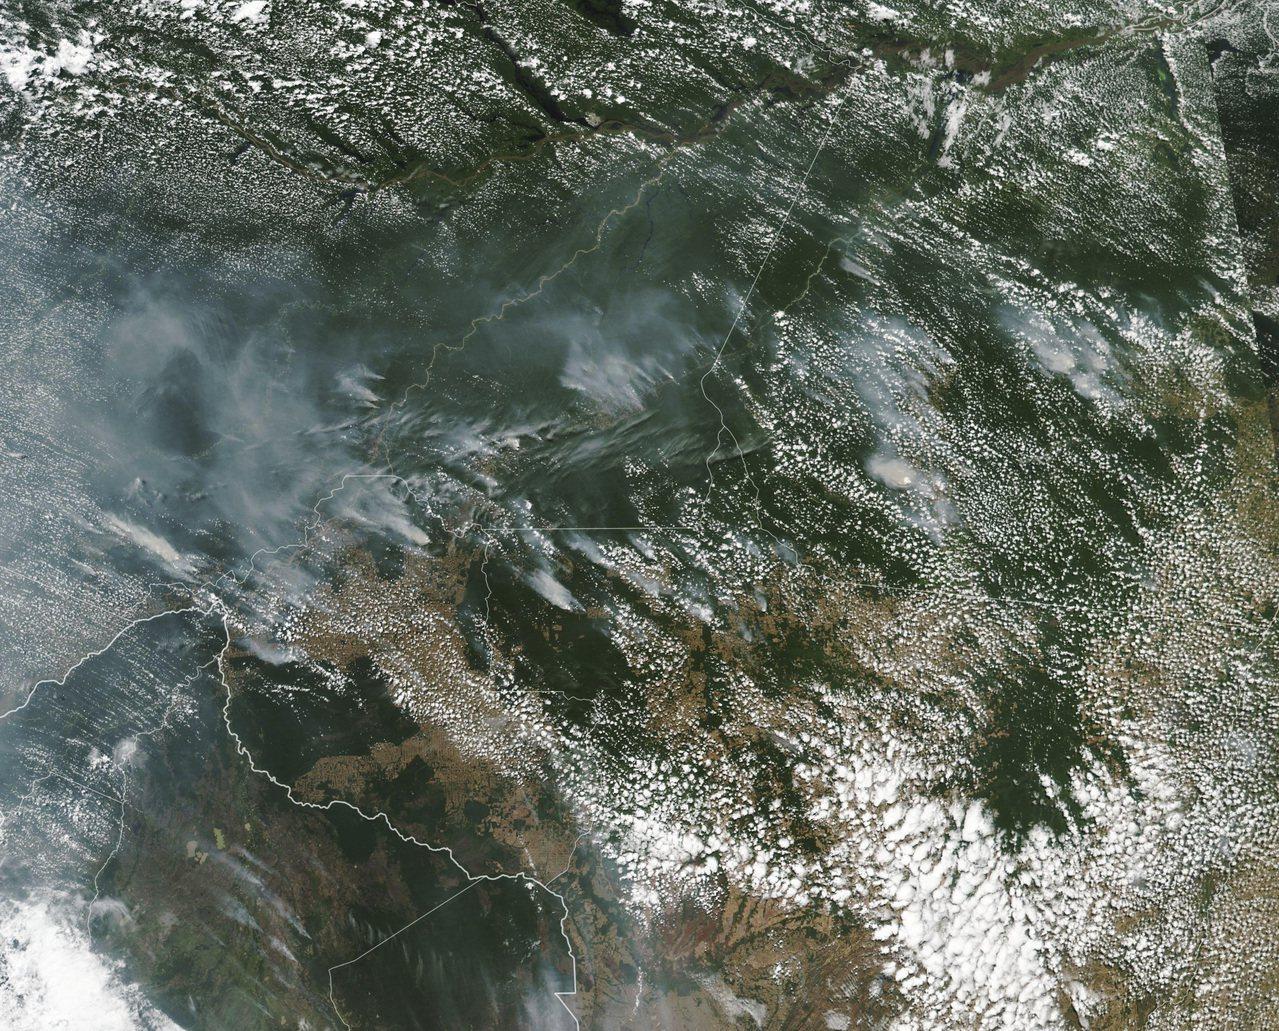 亞馬遜雨林遭大火吞噬,大到連衛星都可從太空清楚看見濃煙。 美聯社